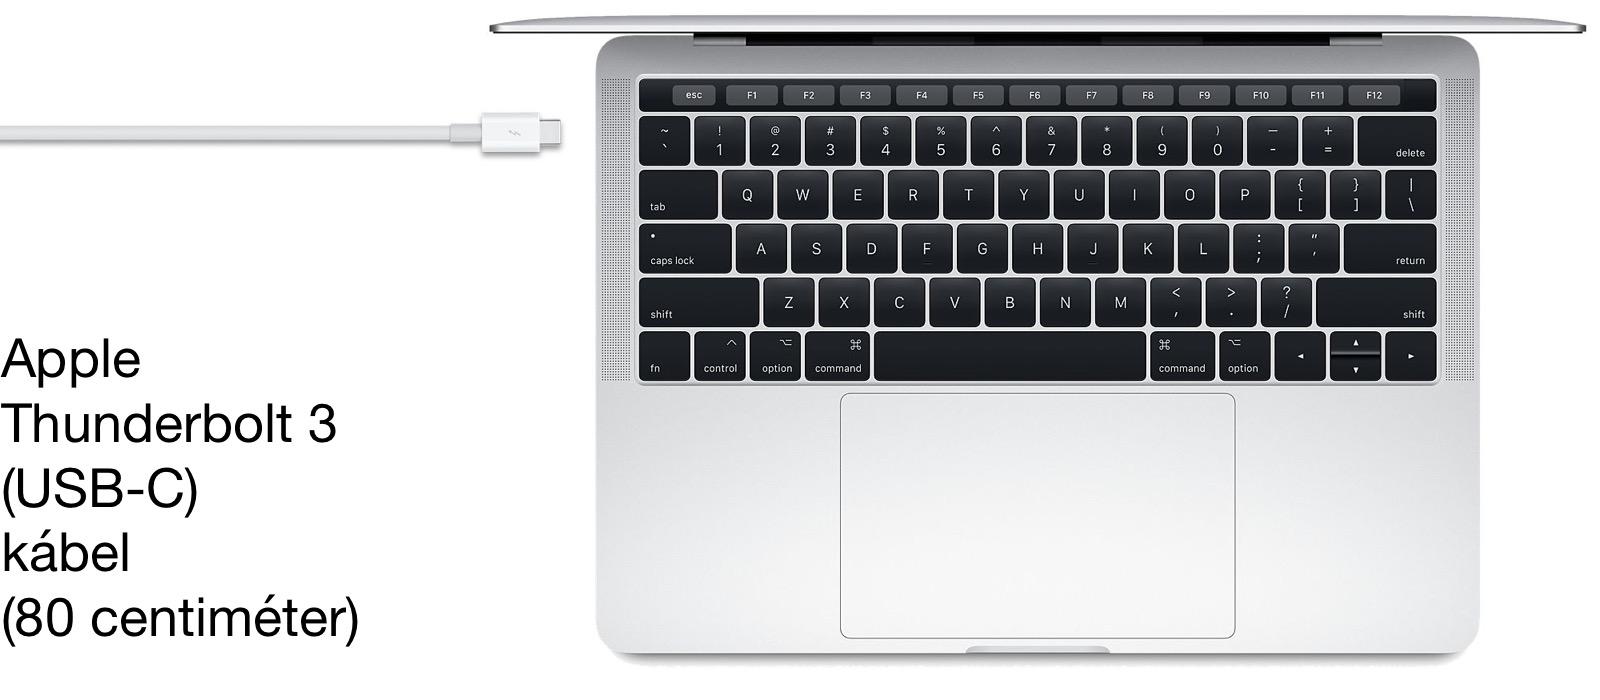 Az Apple villámgyors átvitelt és akár 100 Watt tápellátást is biztosító Thunderbolt 3 szabványú USB-C kábele.